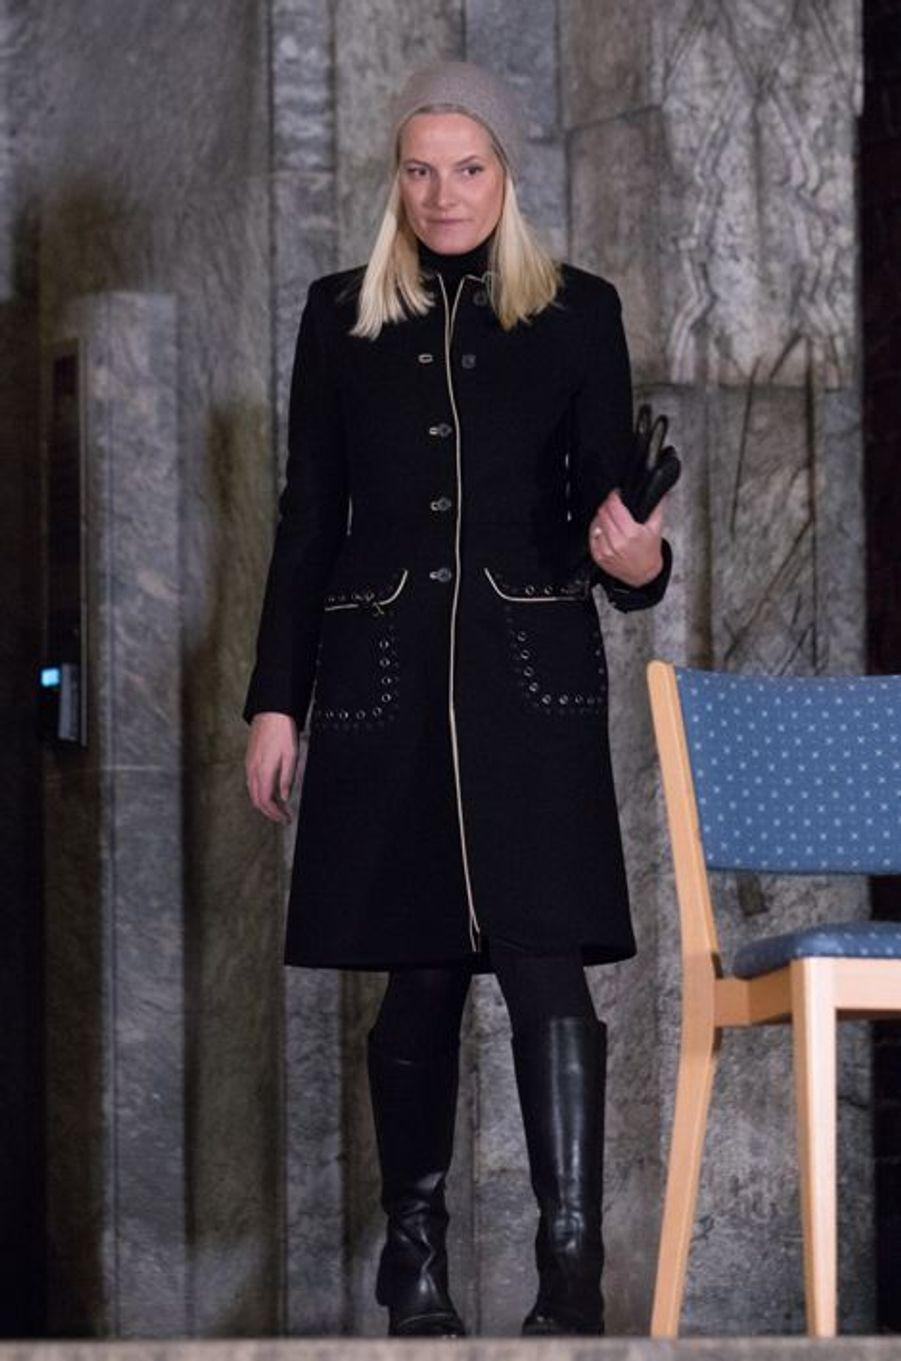 La princesse Mette-Marit de Norvège à Oslo, le 17 novembre 2015